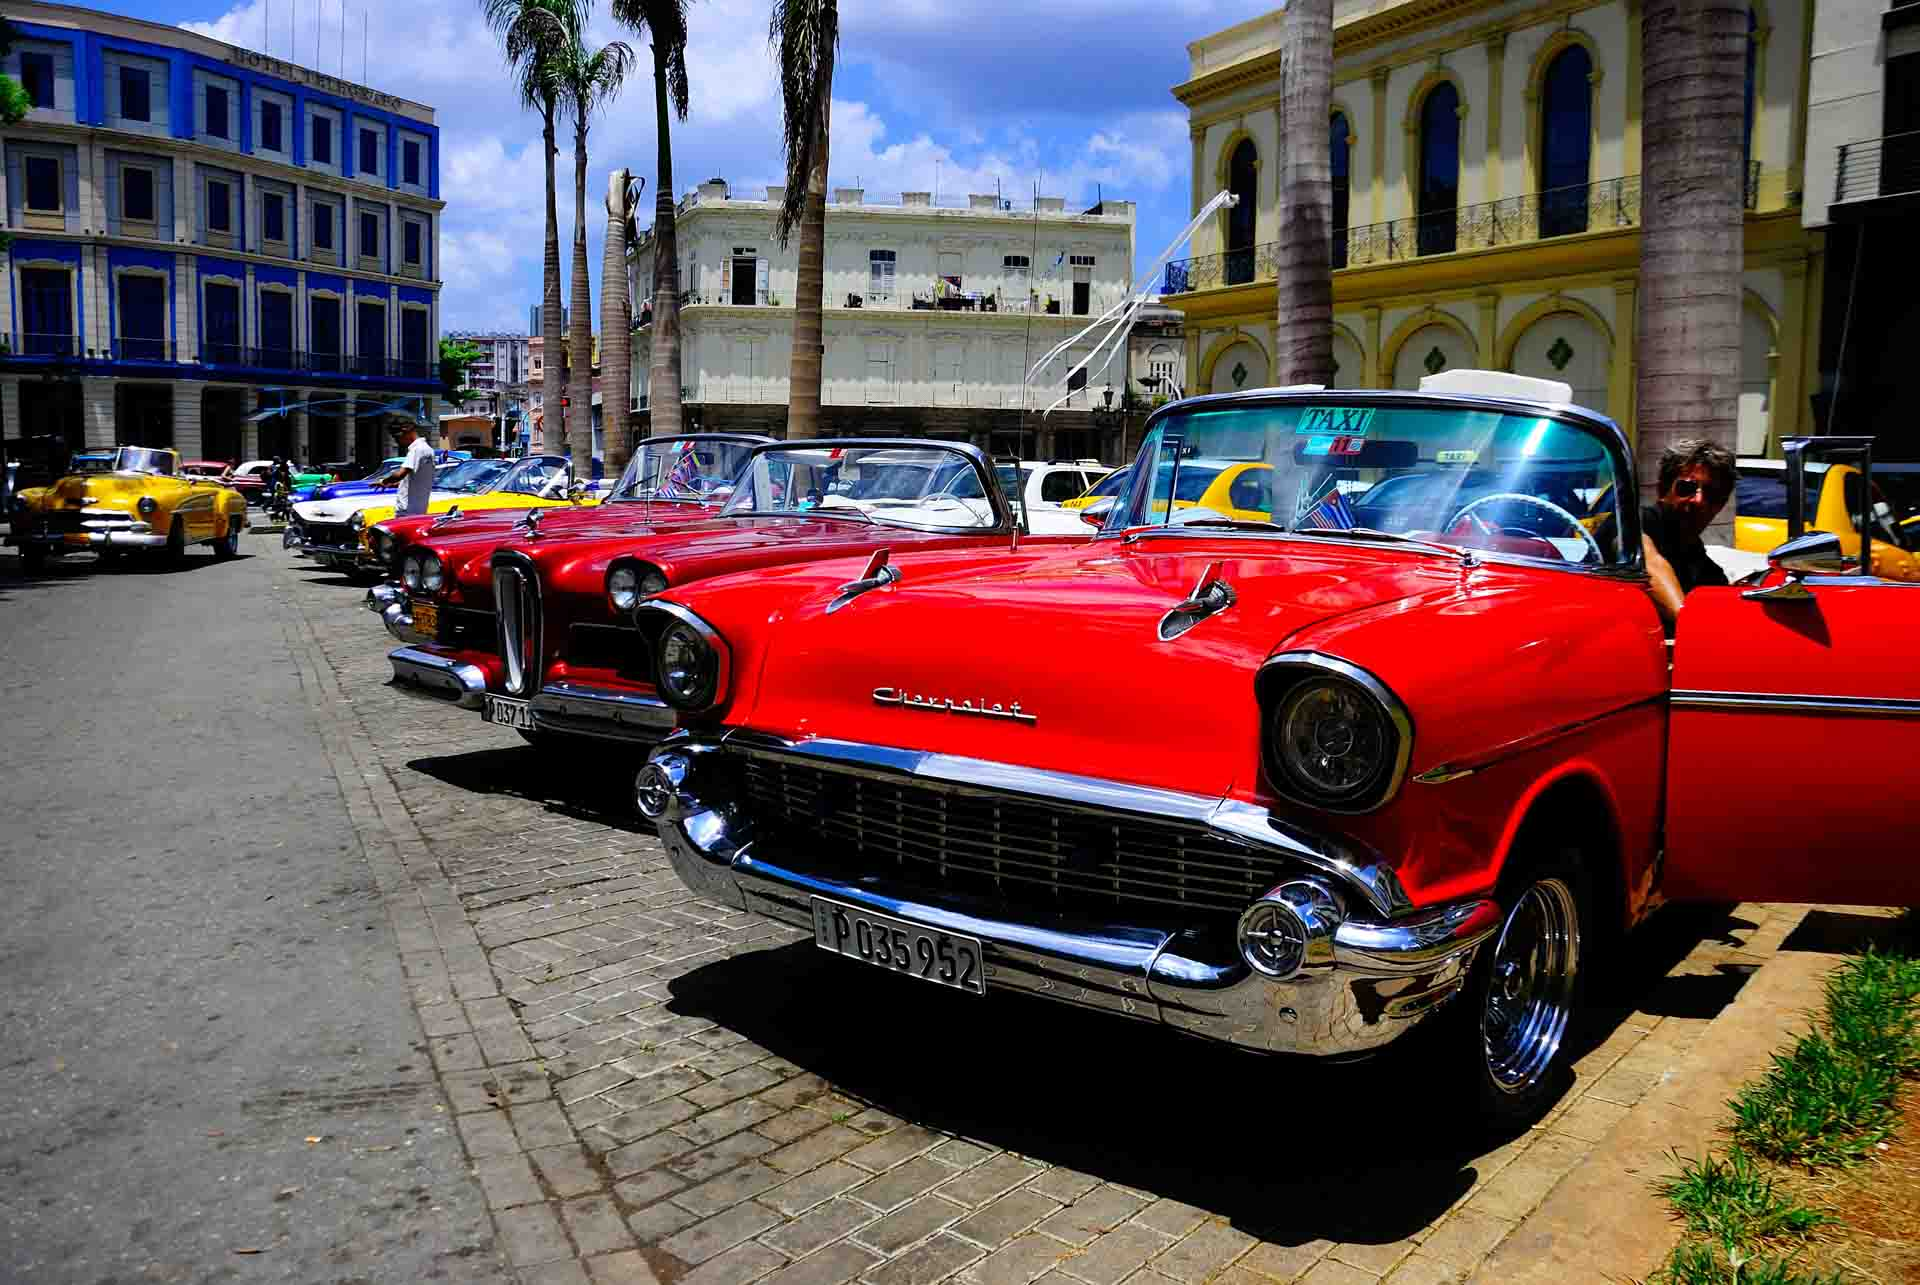 Havana Cuba Vintage Car 2, havana, cuba, pescart, photo blog, travel blog, blog, photo travel blog, enrico pescantini, pescantini